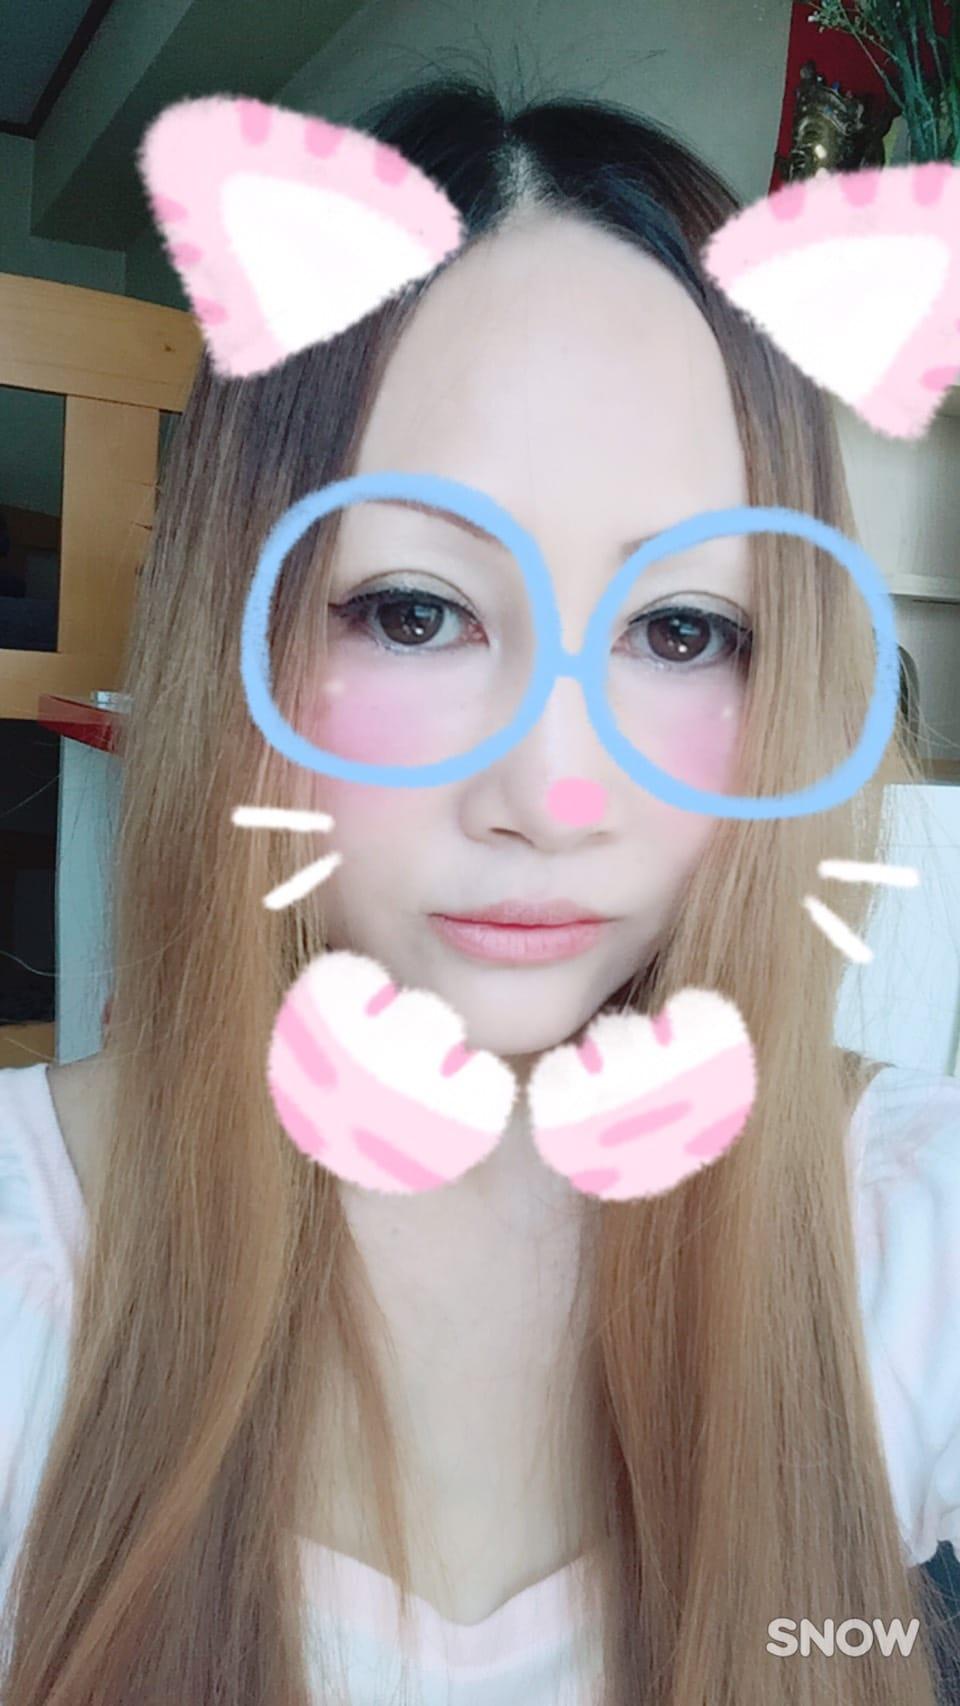 「こんにちは!」07/08(07/08) 15:40 | ユイの写メ・風俗動画